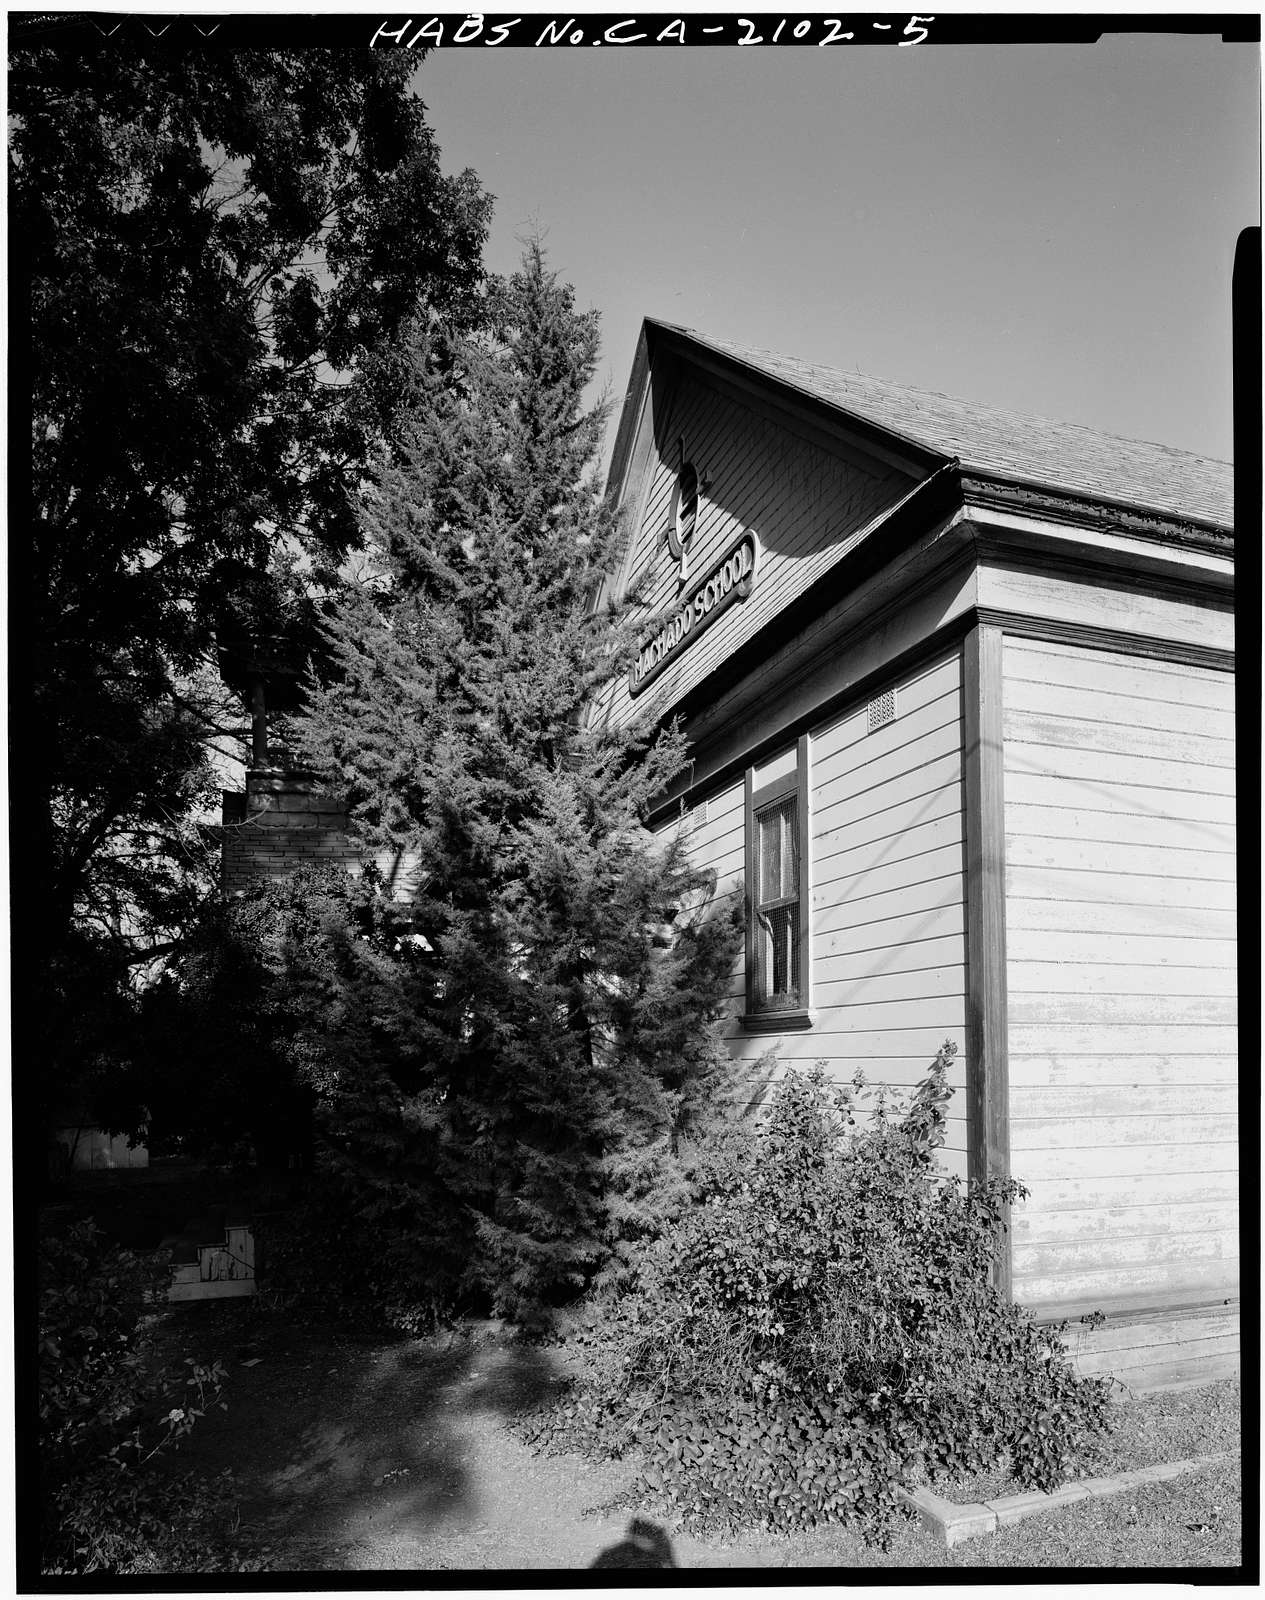 Machado School, Sycamore Avenue, Morgan Hill, Santa Clara County, CA